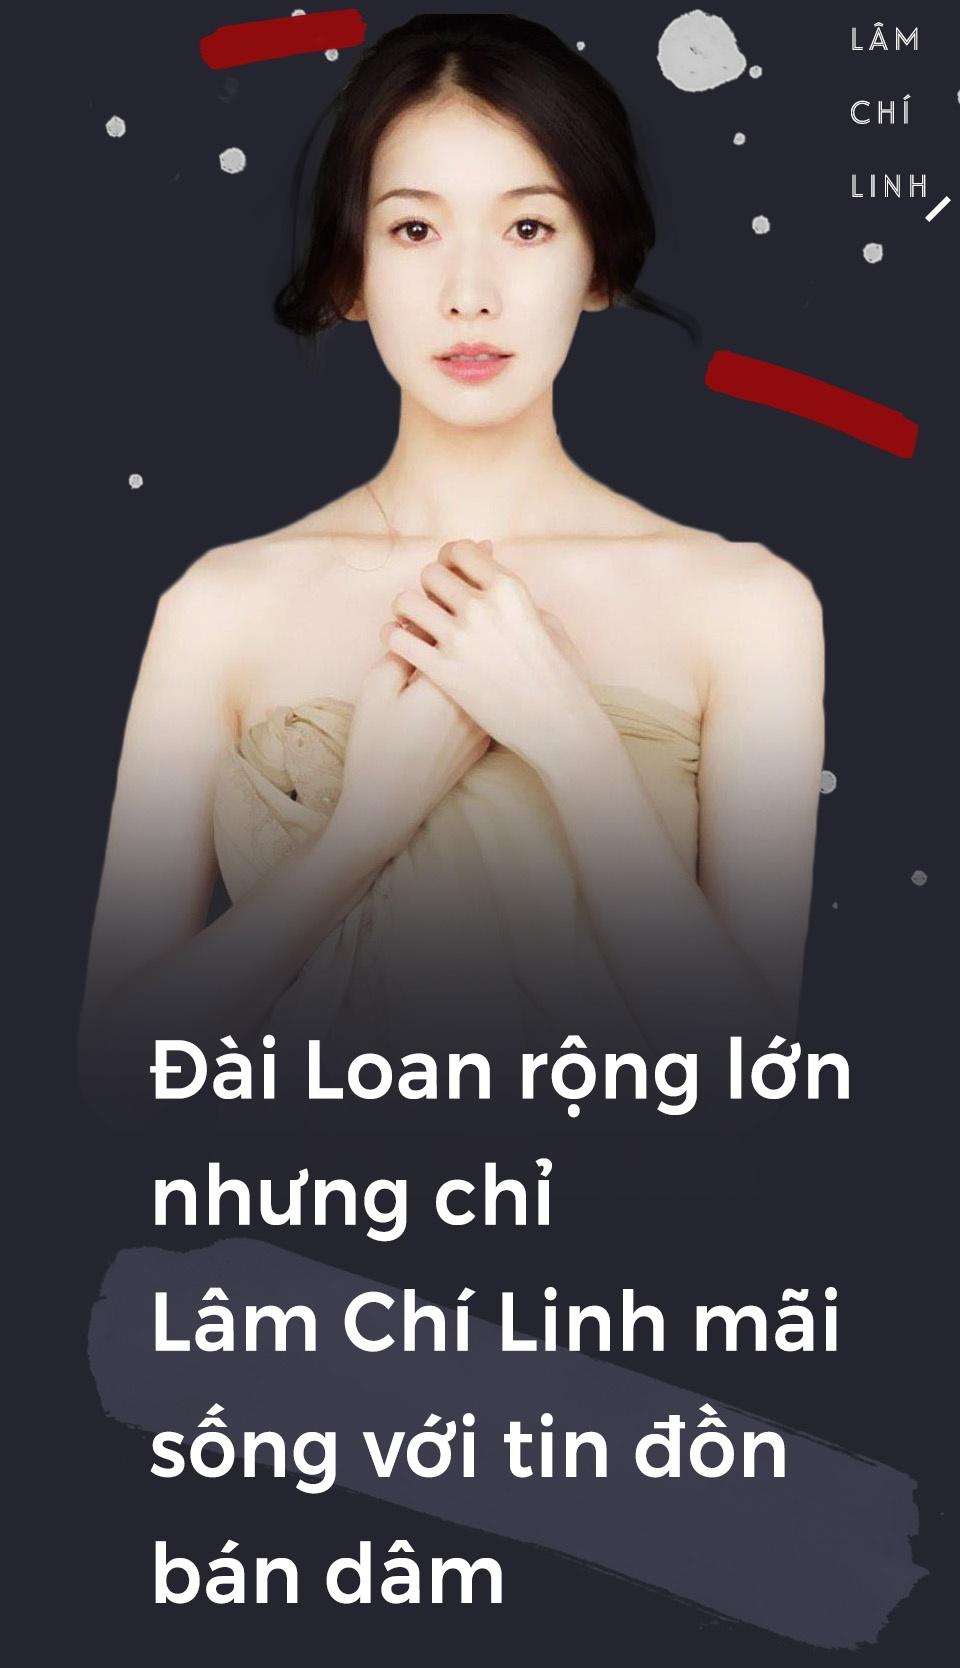 Lam Chi Linh: Hoa hau than thien hay chan dai ban dam nghin USD? hinh anh 5